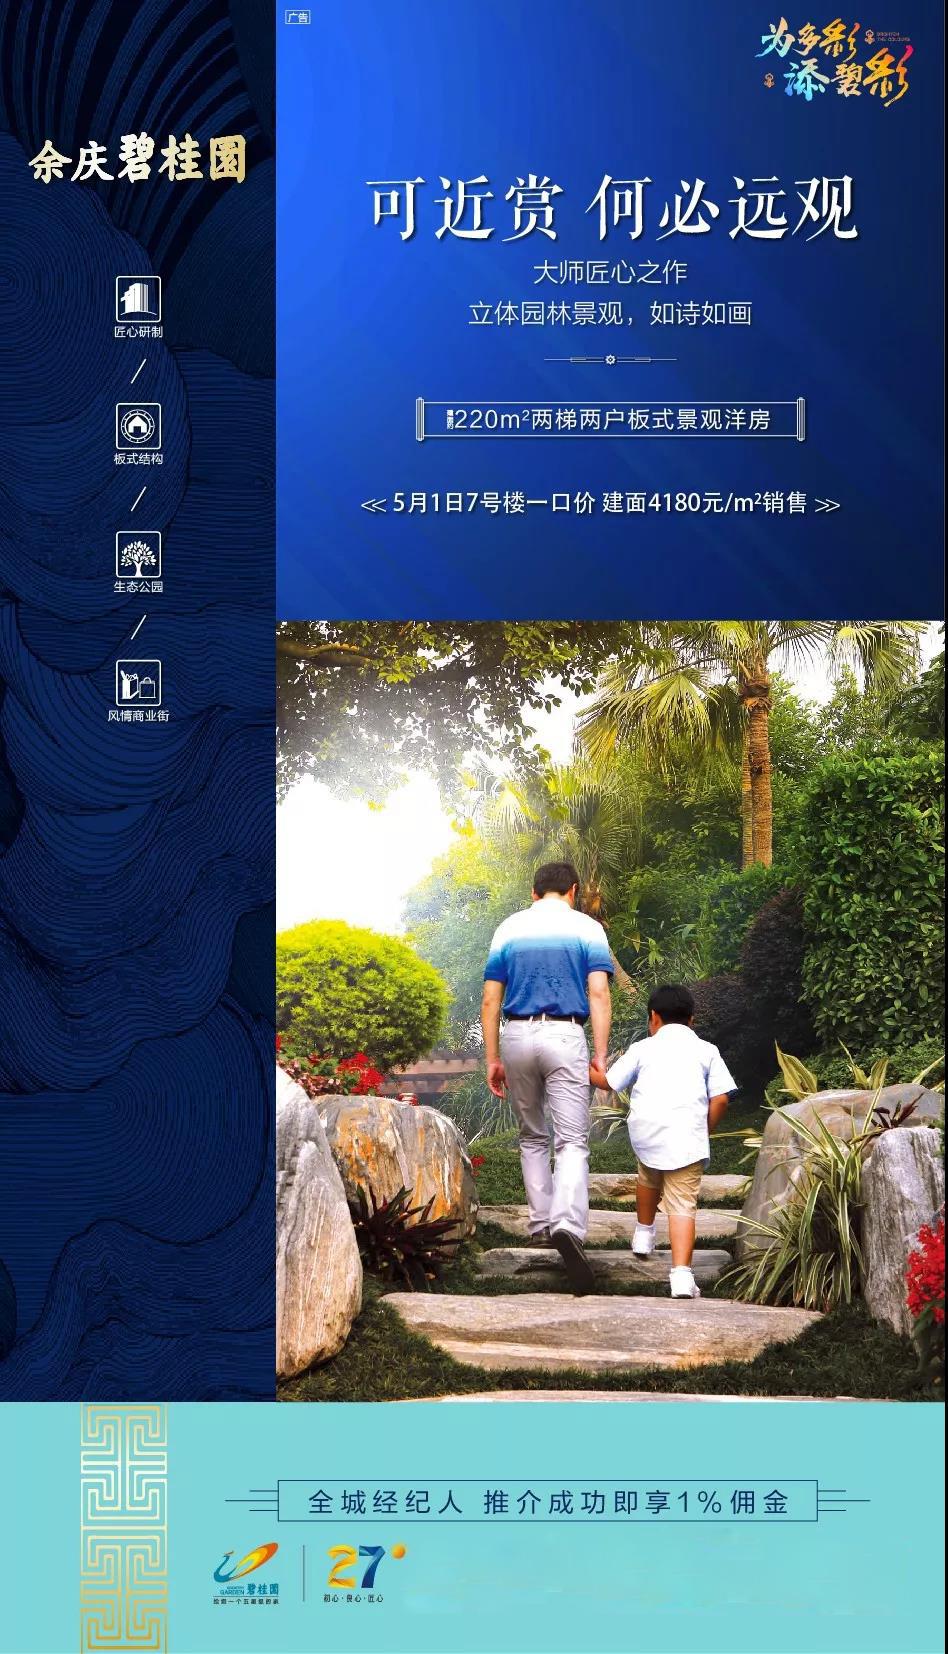 余庆碧桂园:勇敢说出你的梦想 致敬每一位奋斗者-中国网地产